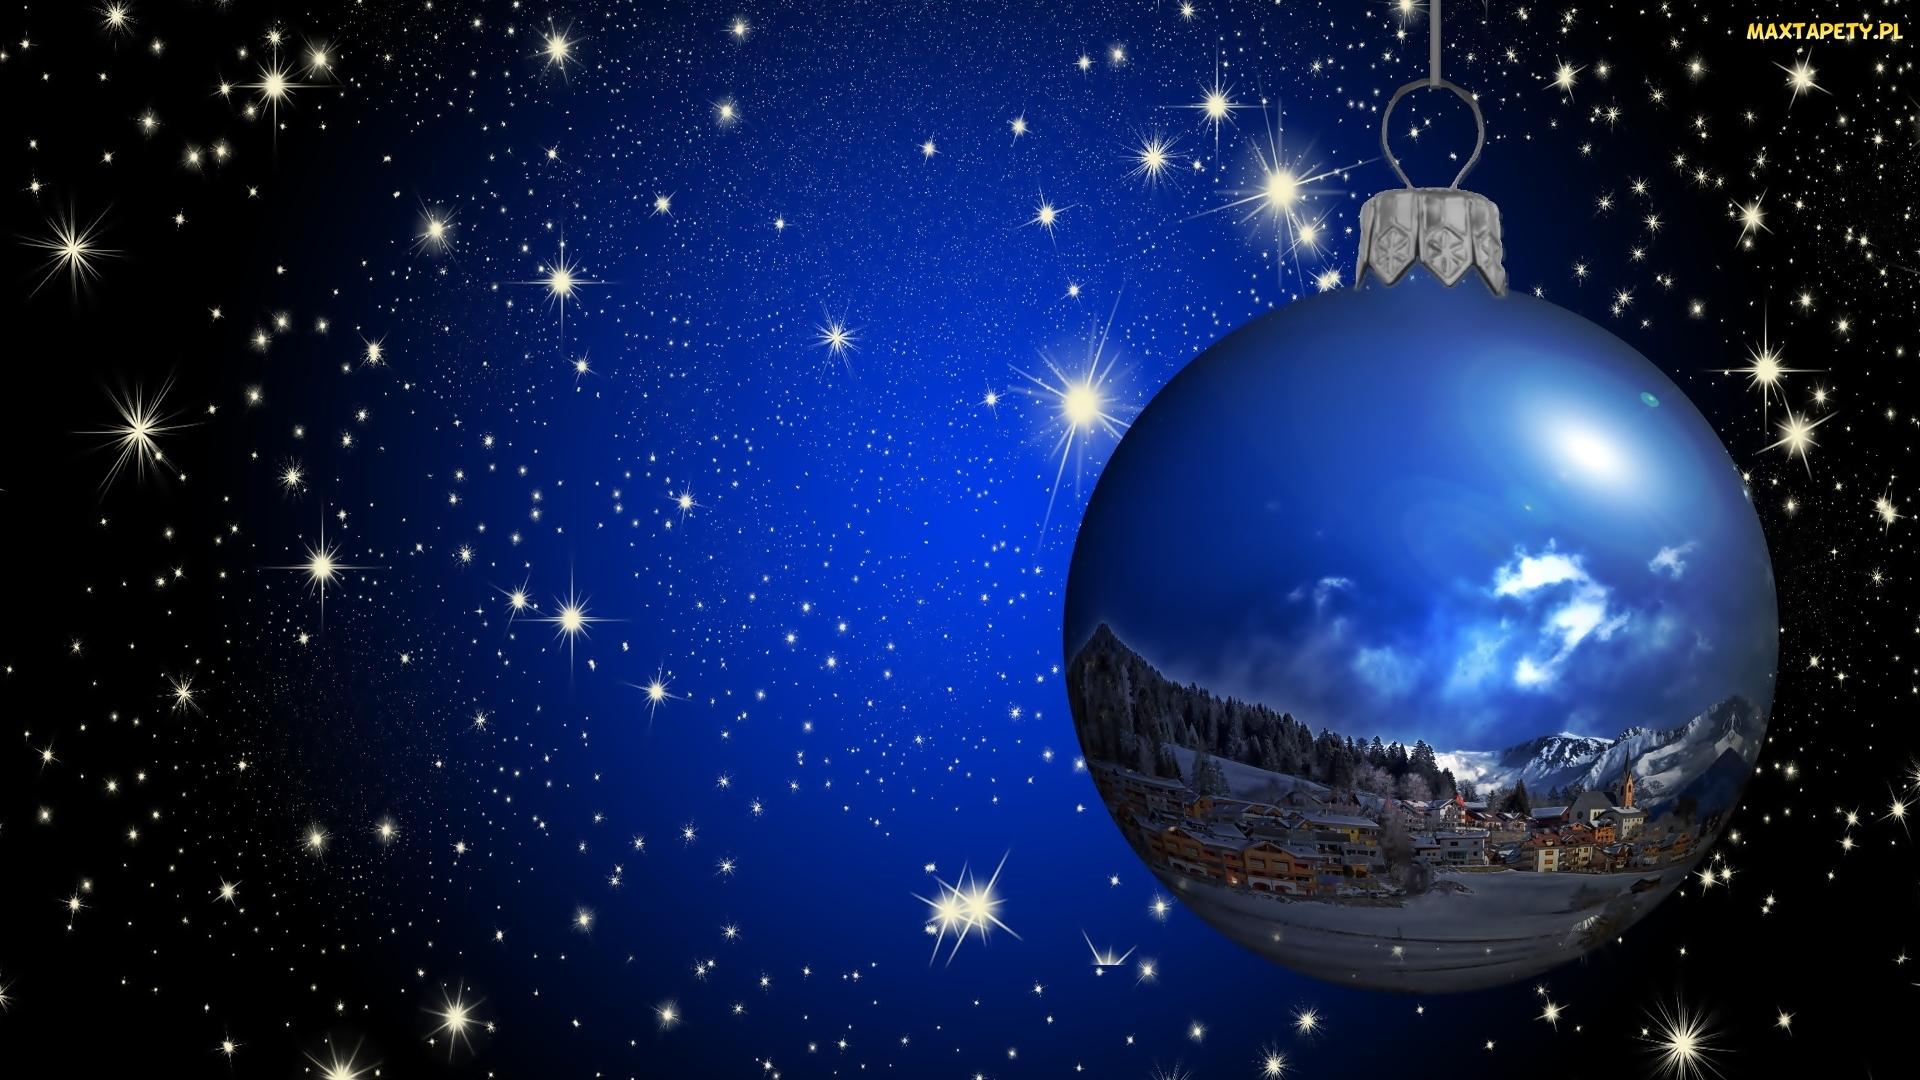 Tapety zdj cia wi teczna gwiazdy bombka niebo for Sfondi natalizi 1920x1080